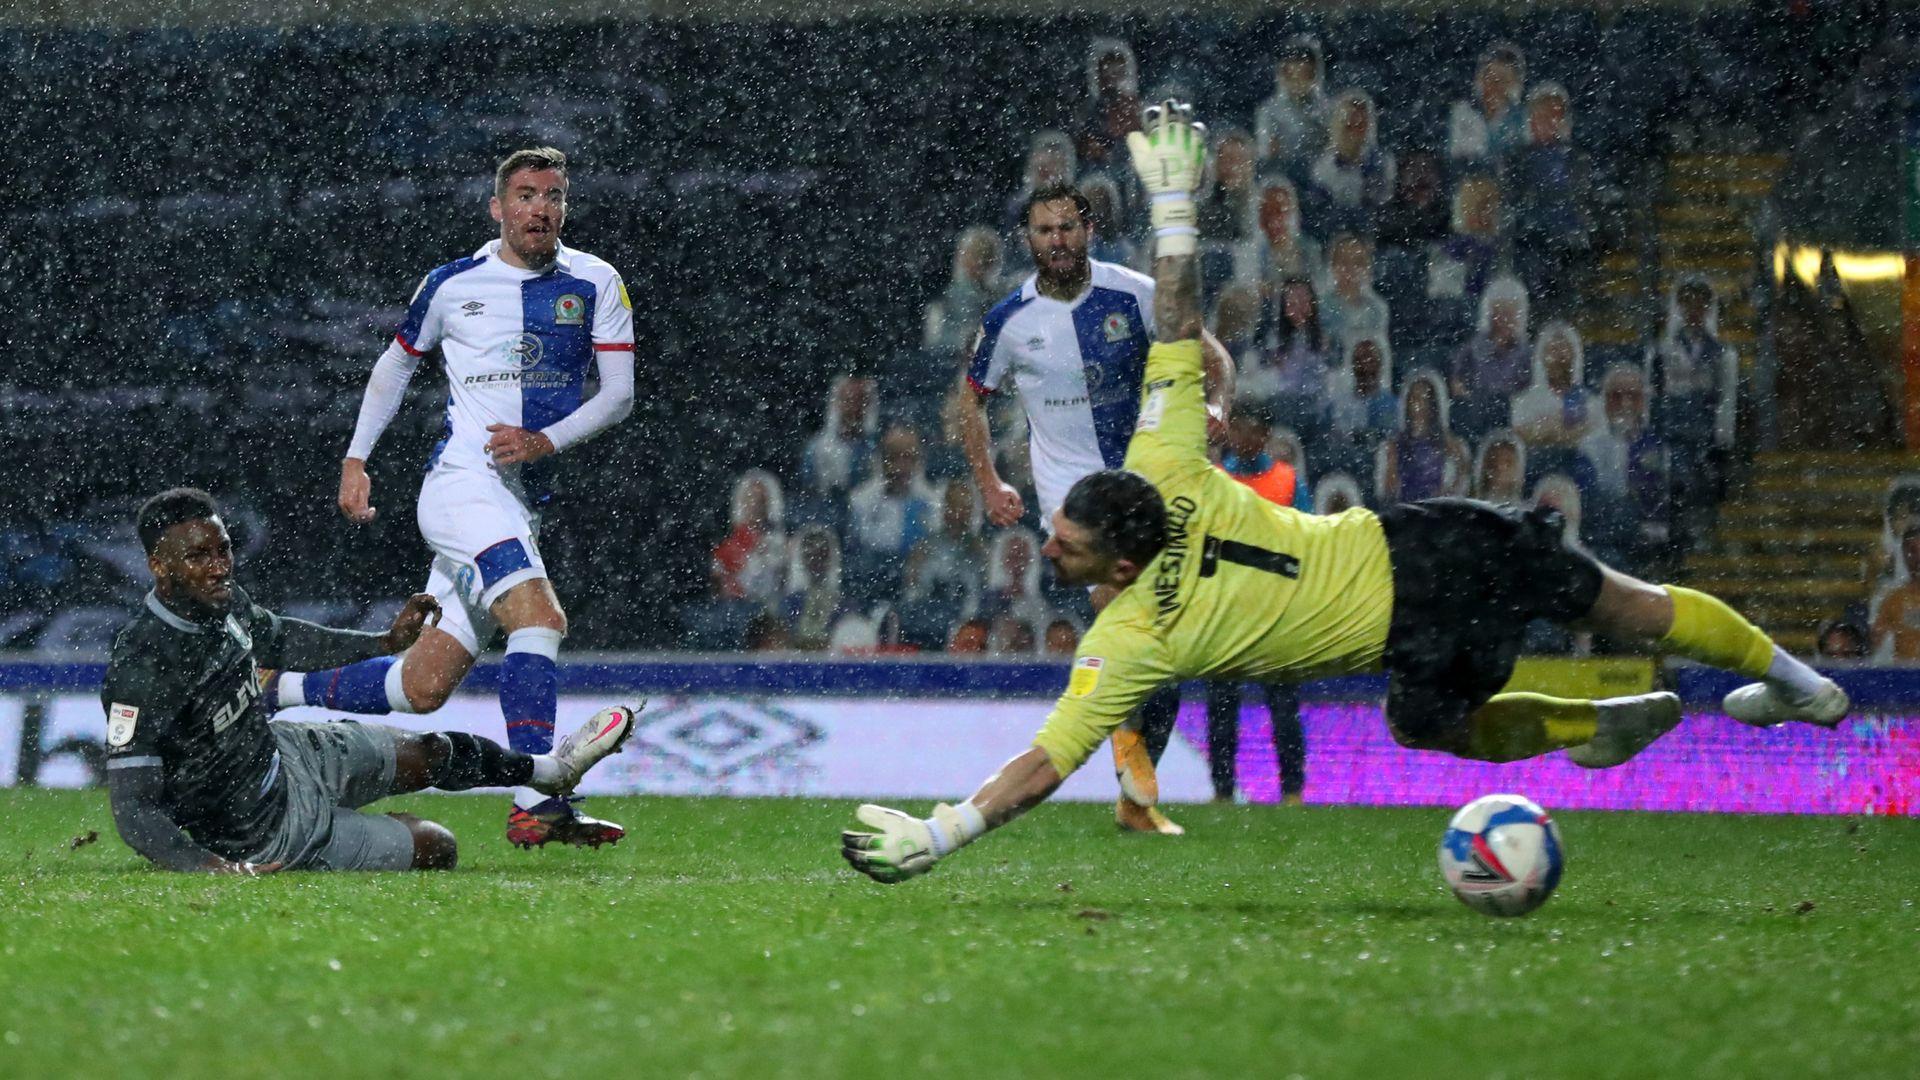 Rothwell earns point for Blackburn